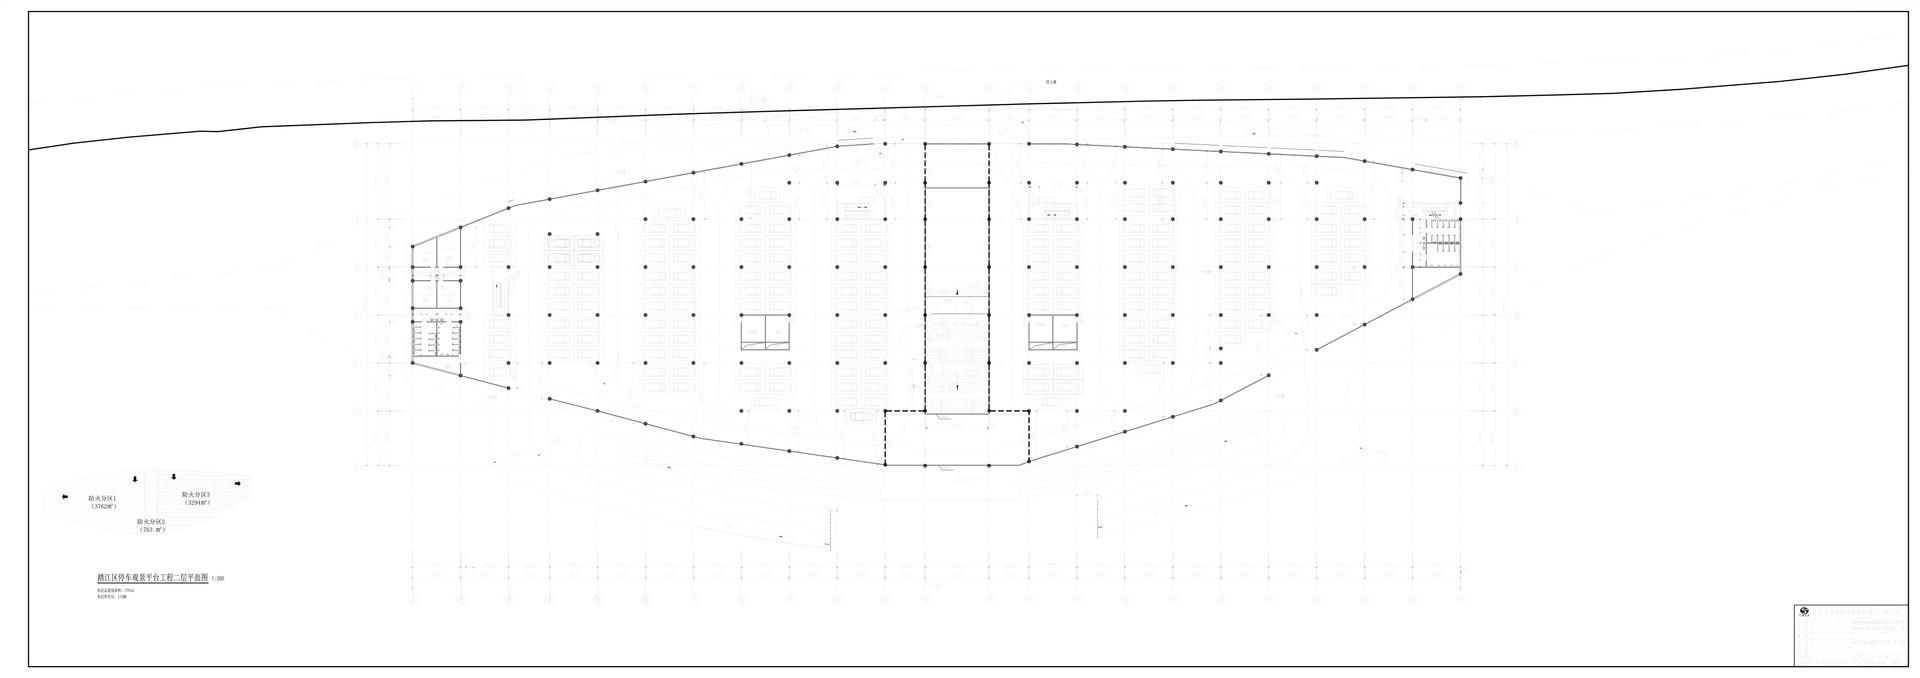 01建筑04-01.jpg